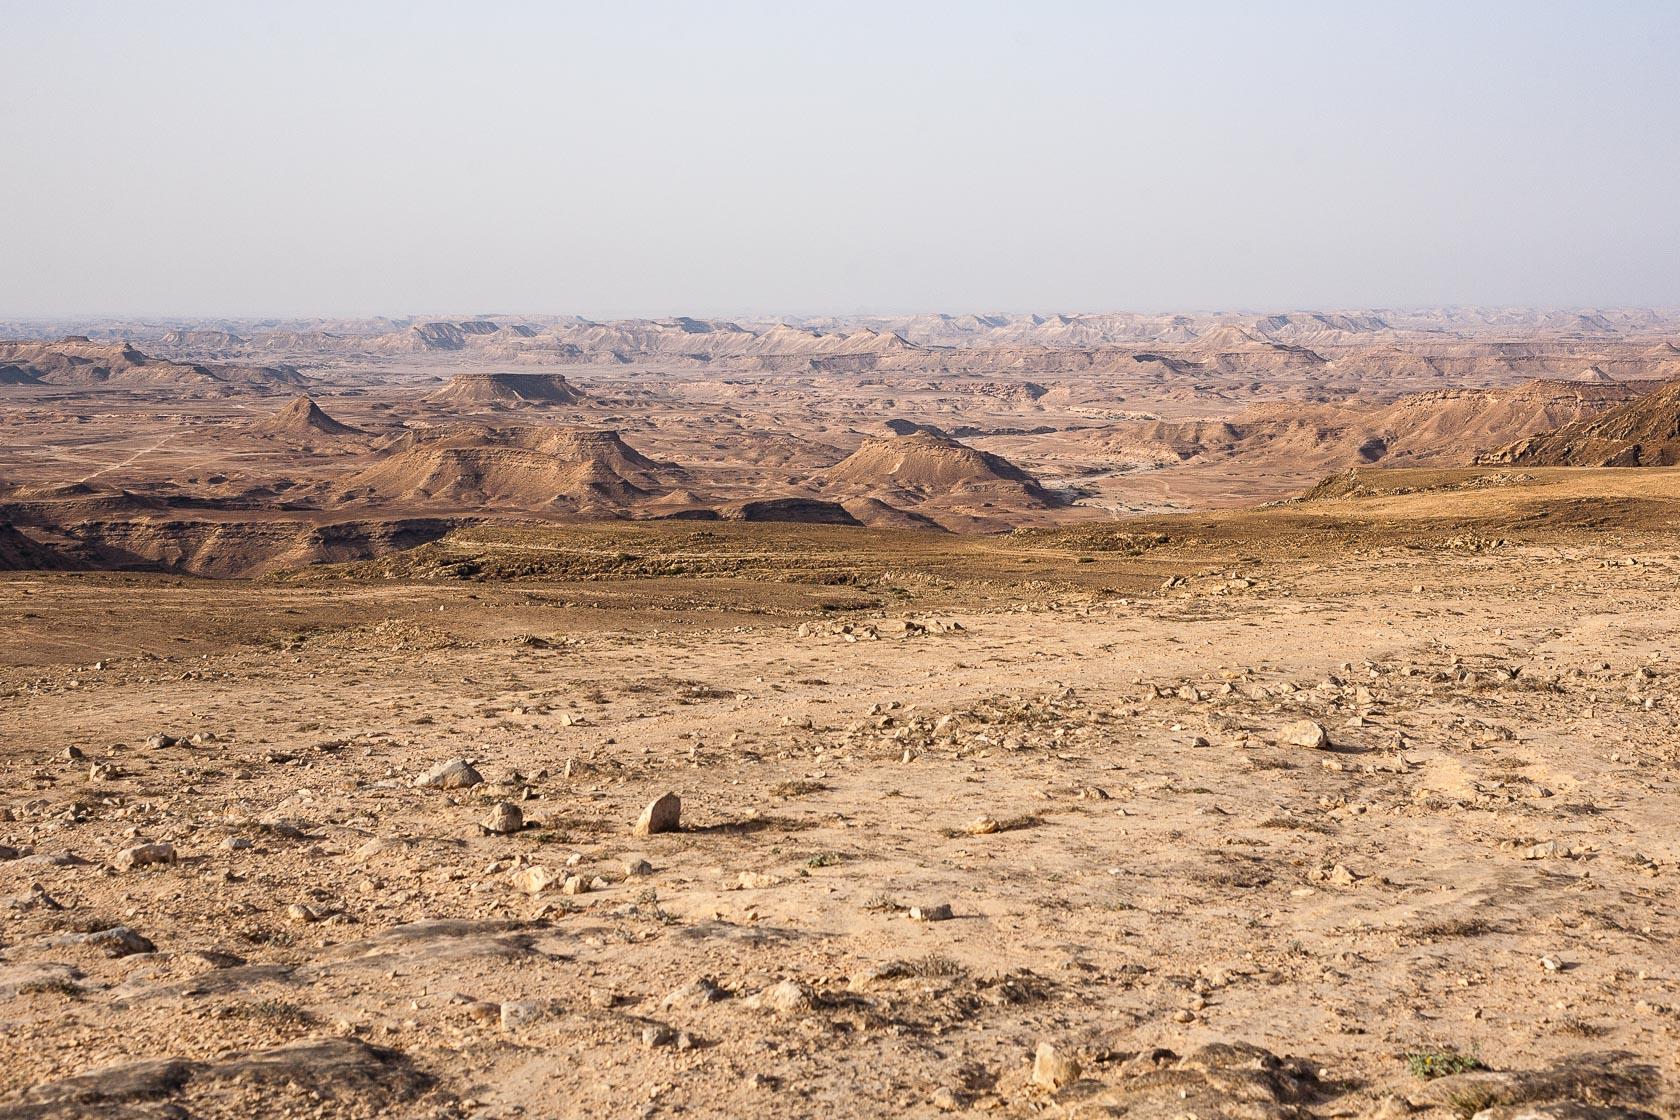 désert en direction du Rub Al Khali, au Sultanat d'Oman